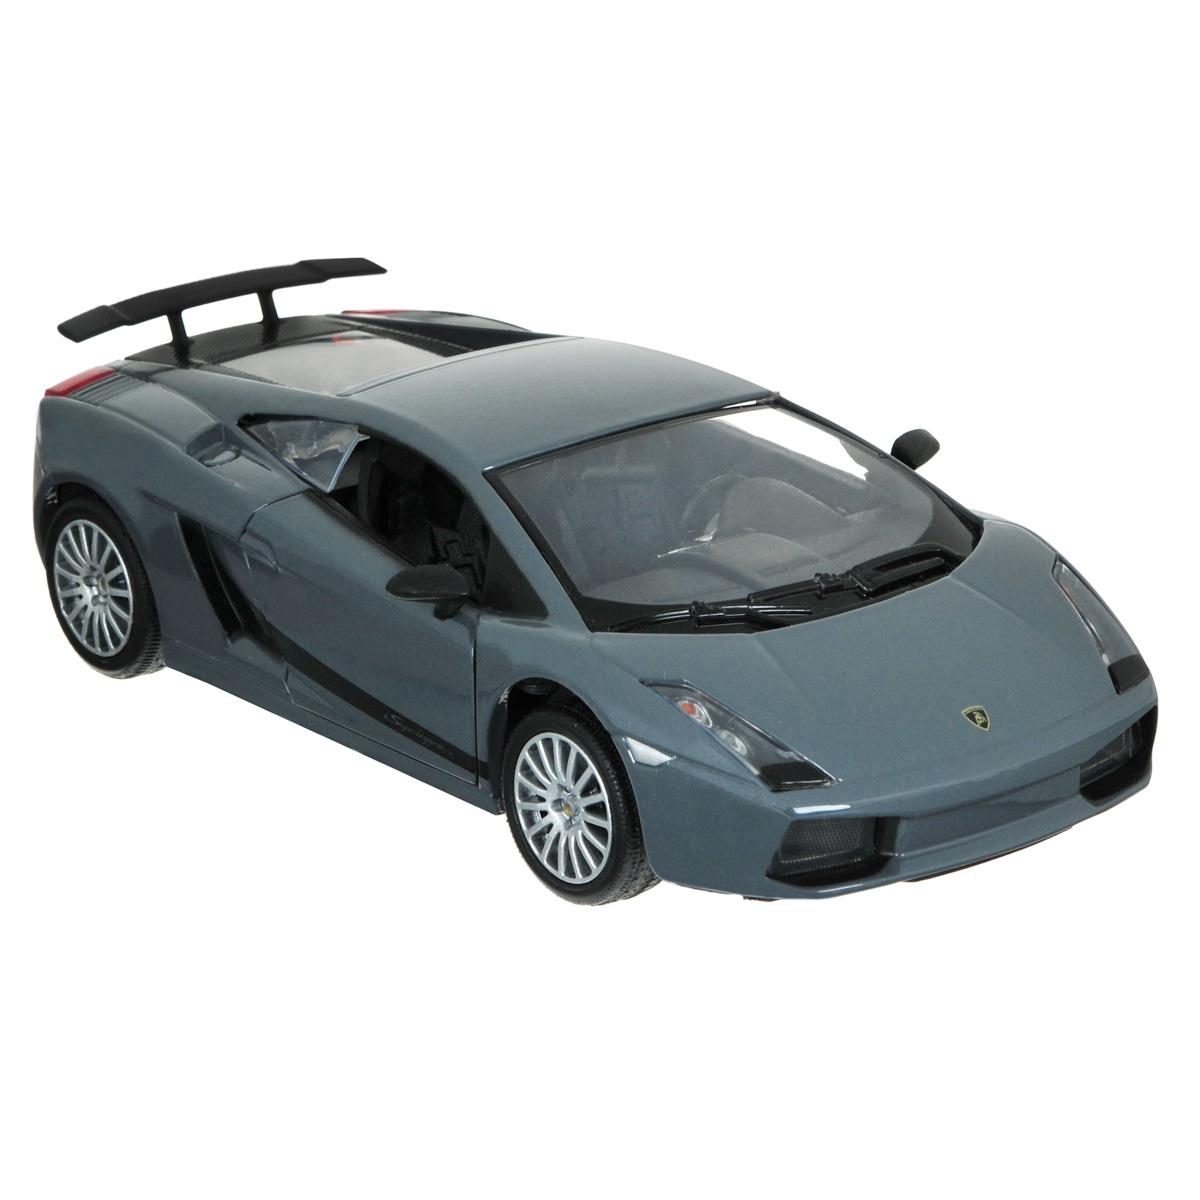 MotorMax Модель автомобиля Lamborghini Gallardo Superleggera цвет черныйblack_metallic/ast73346Коллекционная модель MotorMax Laмborghini Gallardo Superleggera станет хорошим подарком для любого ценителя автомобилей. Lamborghini Gallardo Superleggera - это 1,3 тонны сверхмощного, быстрого и фантастически дорого суперкара. В настоящее время выпуск этого автомобиля прекращен и доподлинно неизвестно даже количество выпущенных авто. Но вы можете стать его владельцем, добавив в свою коллекцию уникальную масштабную модель от MotorMax. Роскошная модель в точности повторяет внешний облик и даже некоторые особенности начинки реального авто. У машинки открываются двери и капот, а также поворачиваются колеса. Корпус автомобиля выполнен из литого металла, отделка салона и некоторые элементы пластиковые, а шины изготовлены из резины. Все по-настоящему!